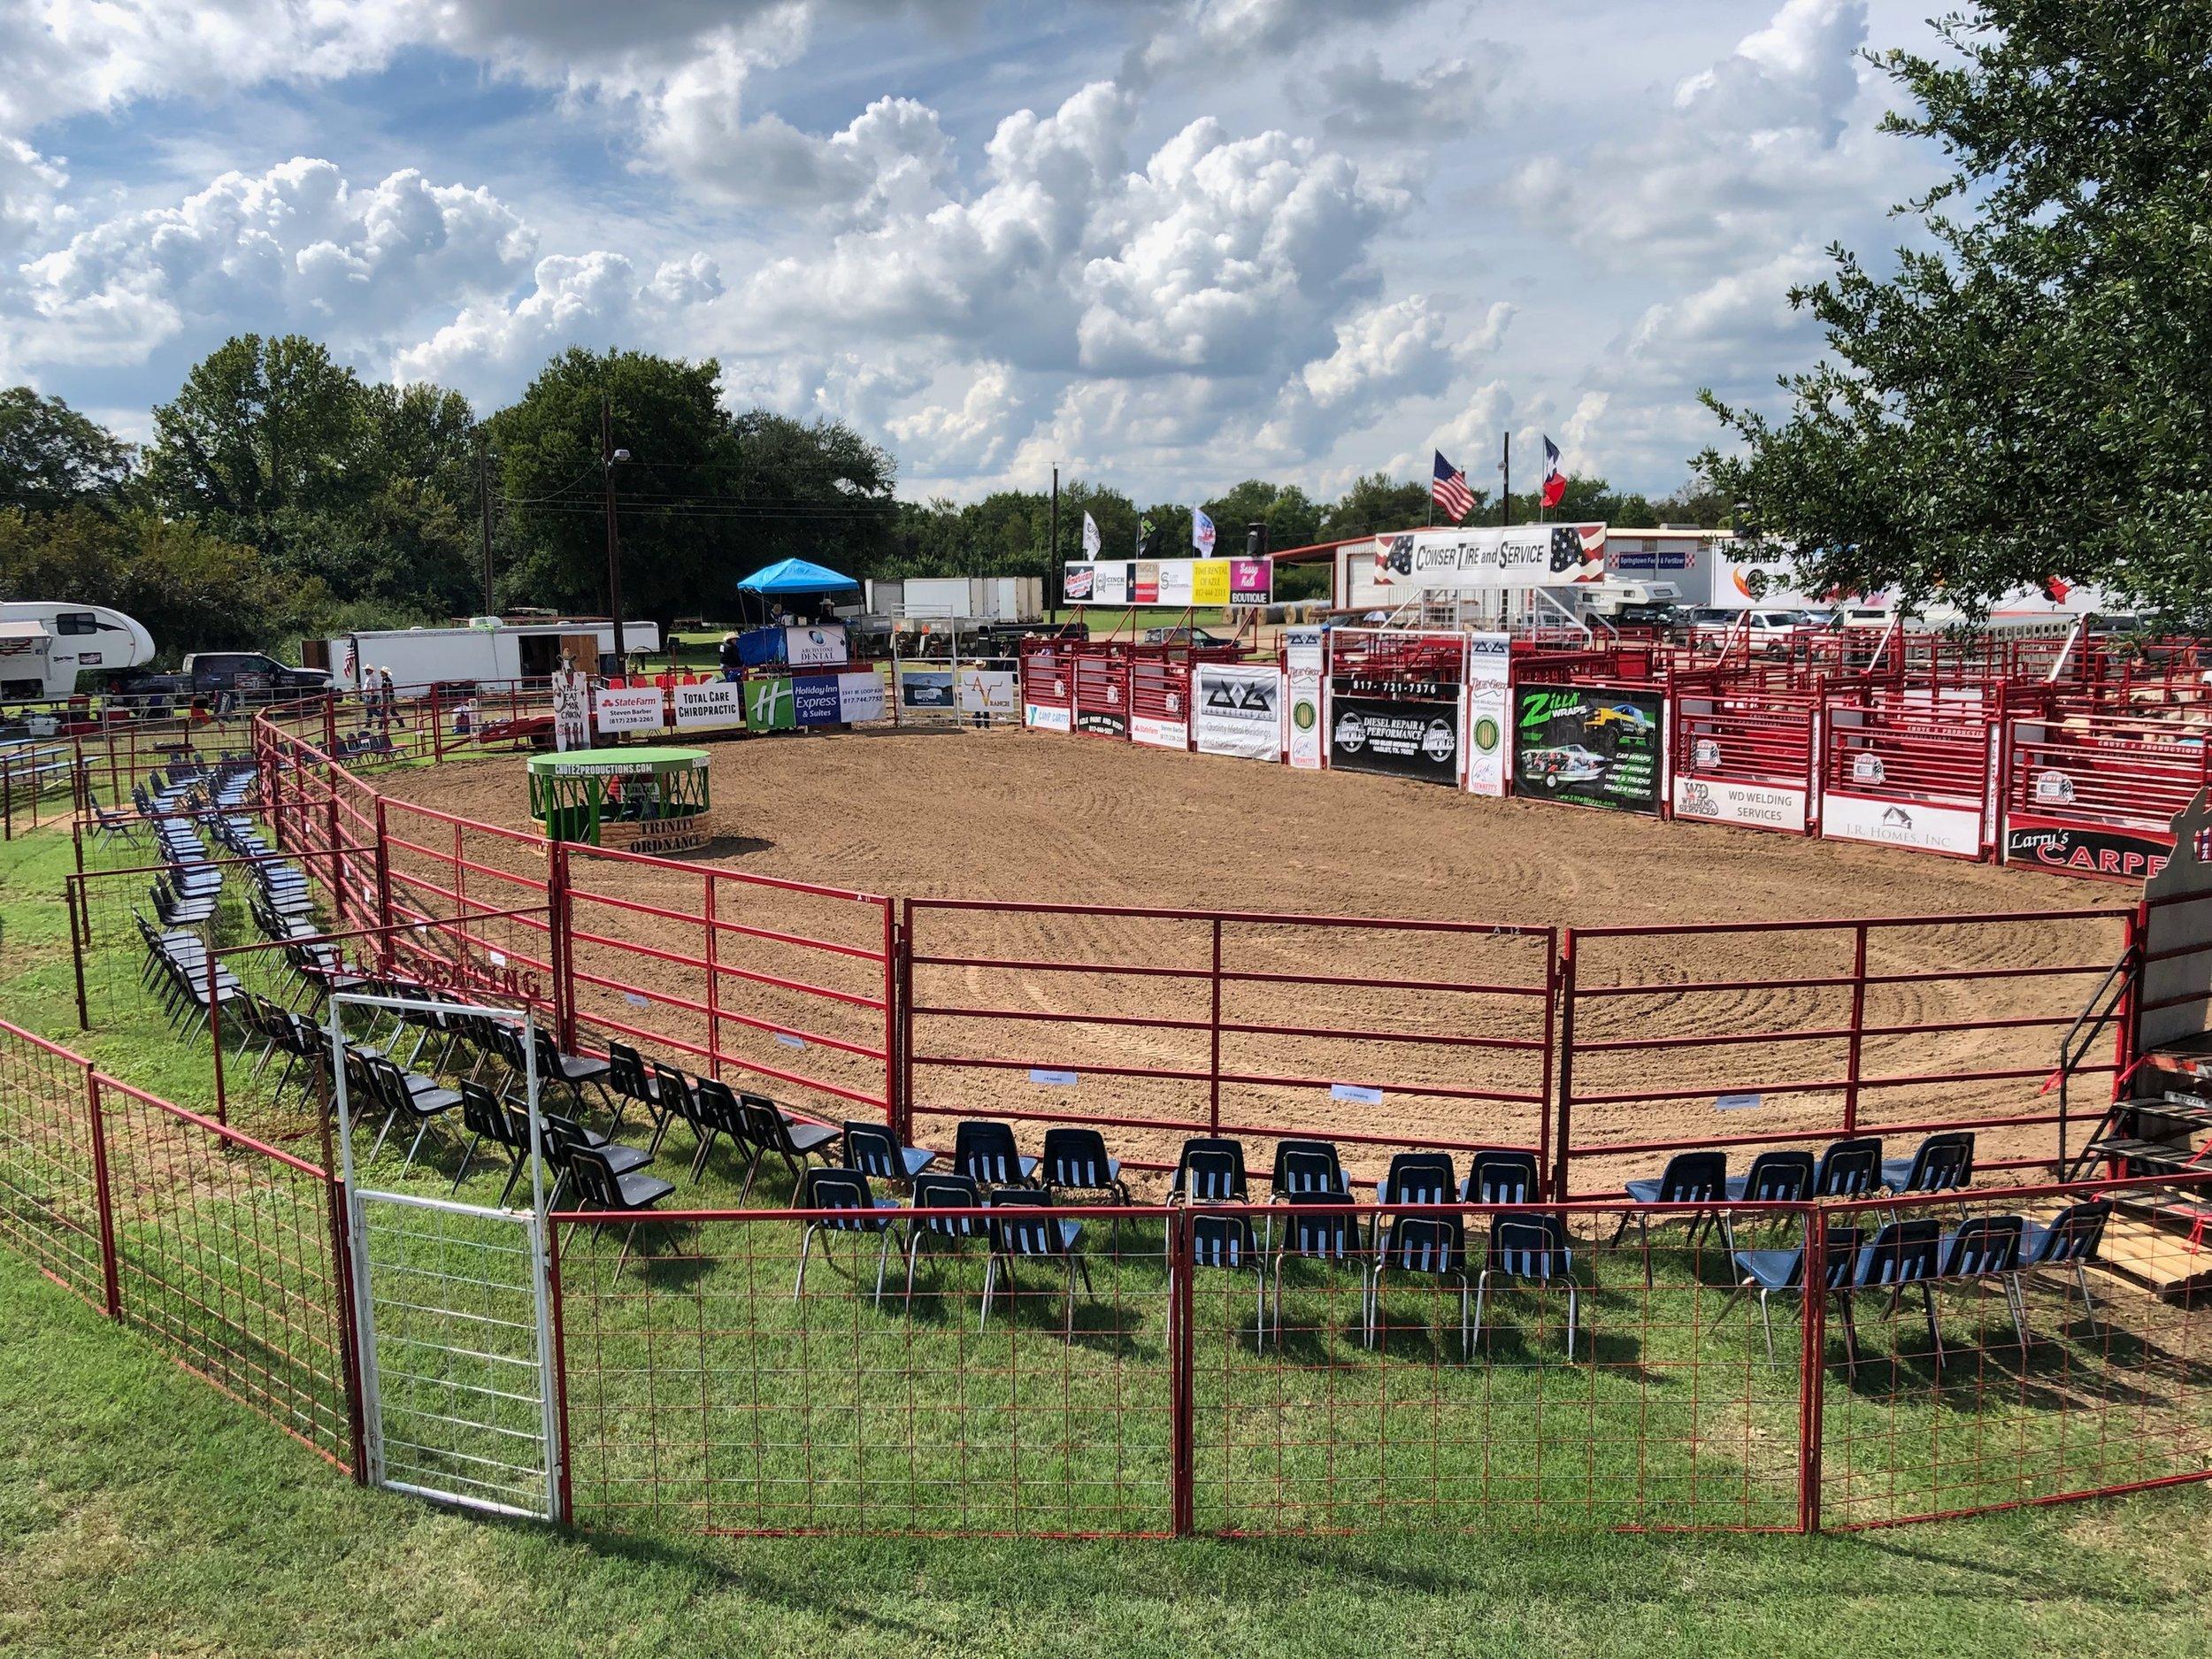 September 21 - Springtown, Texas